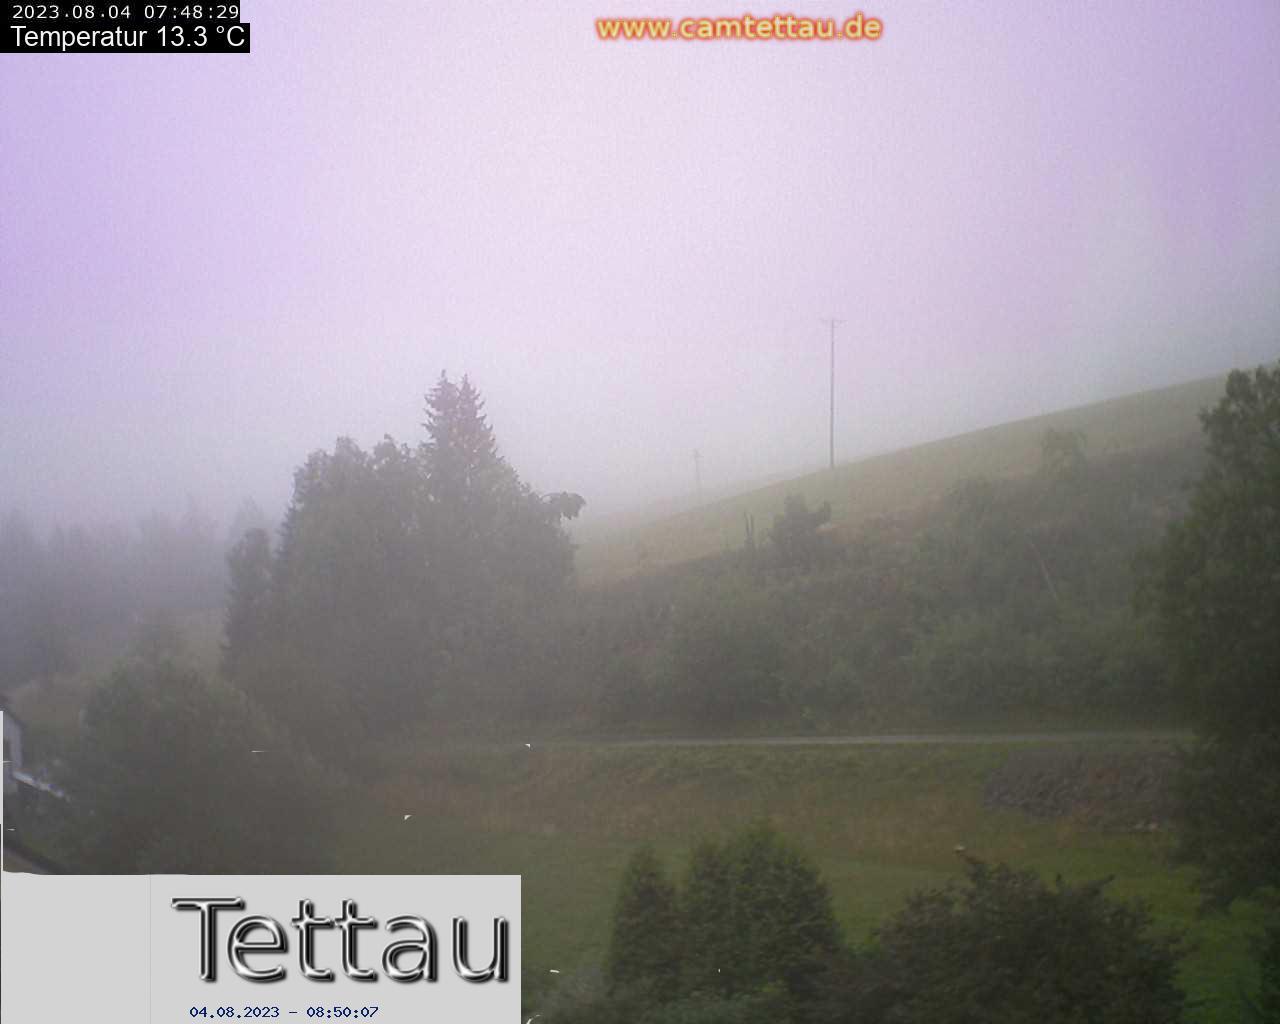 Tettau (Bavaria) Tue. 08:55